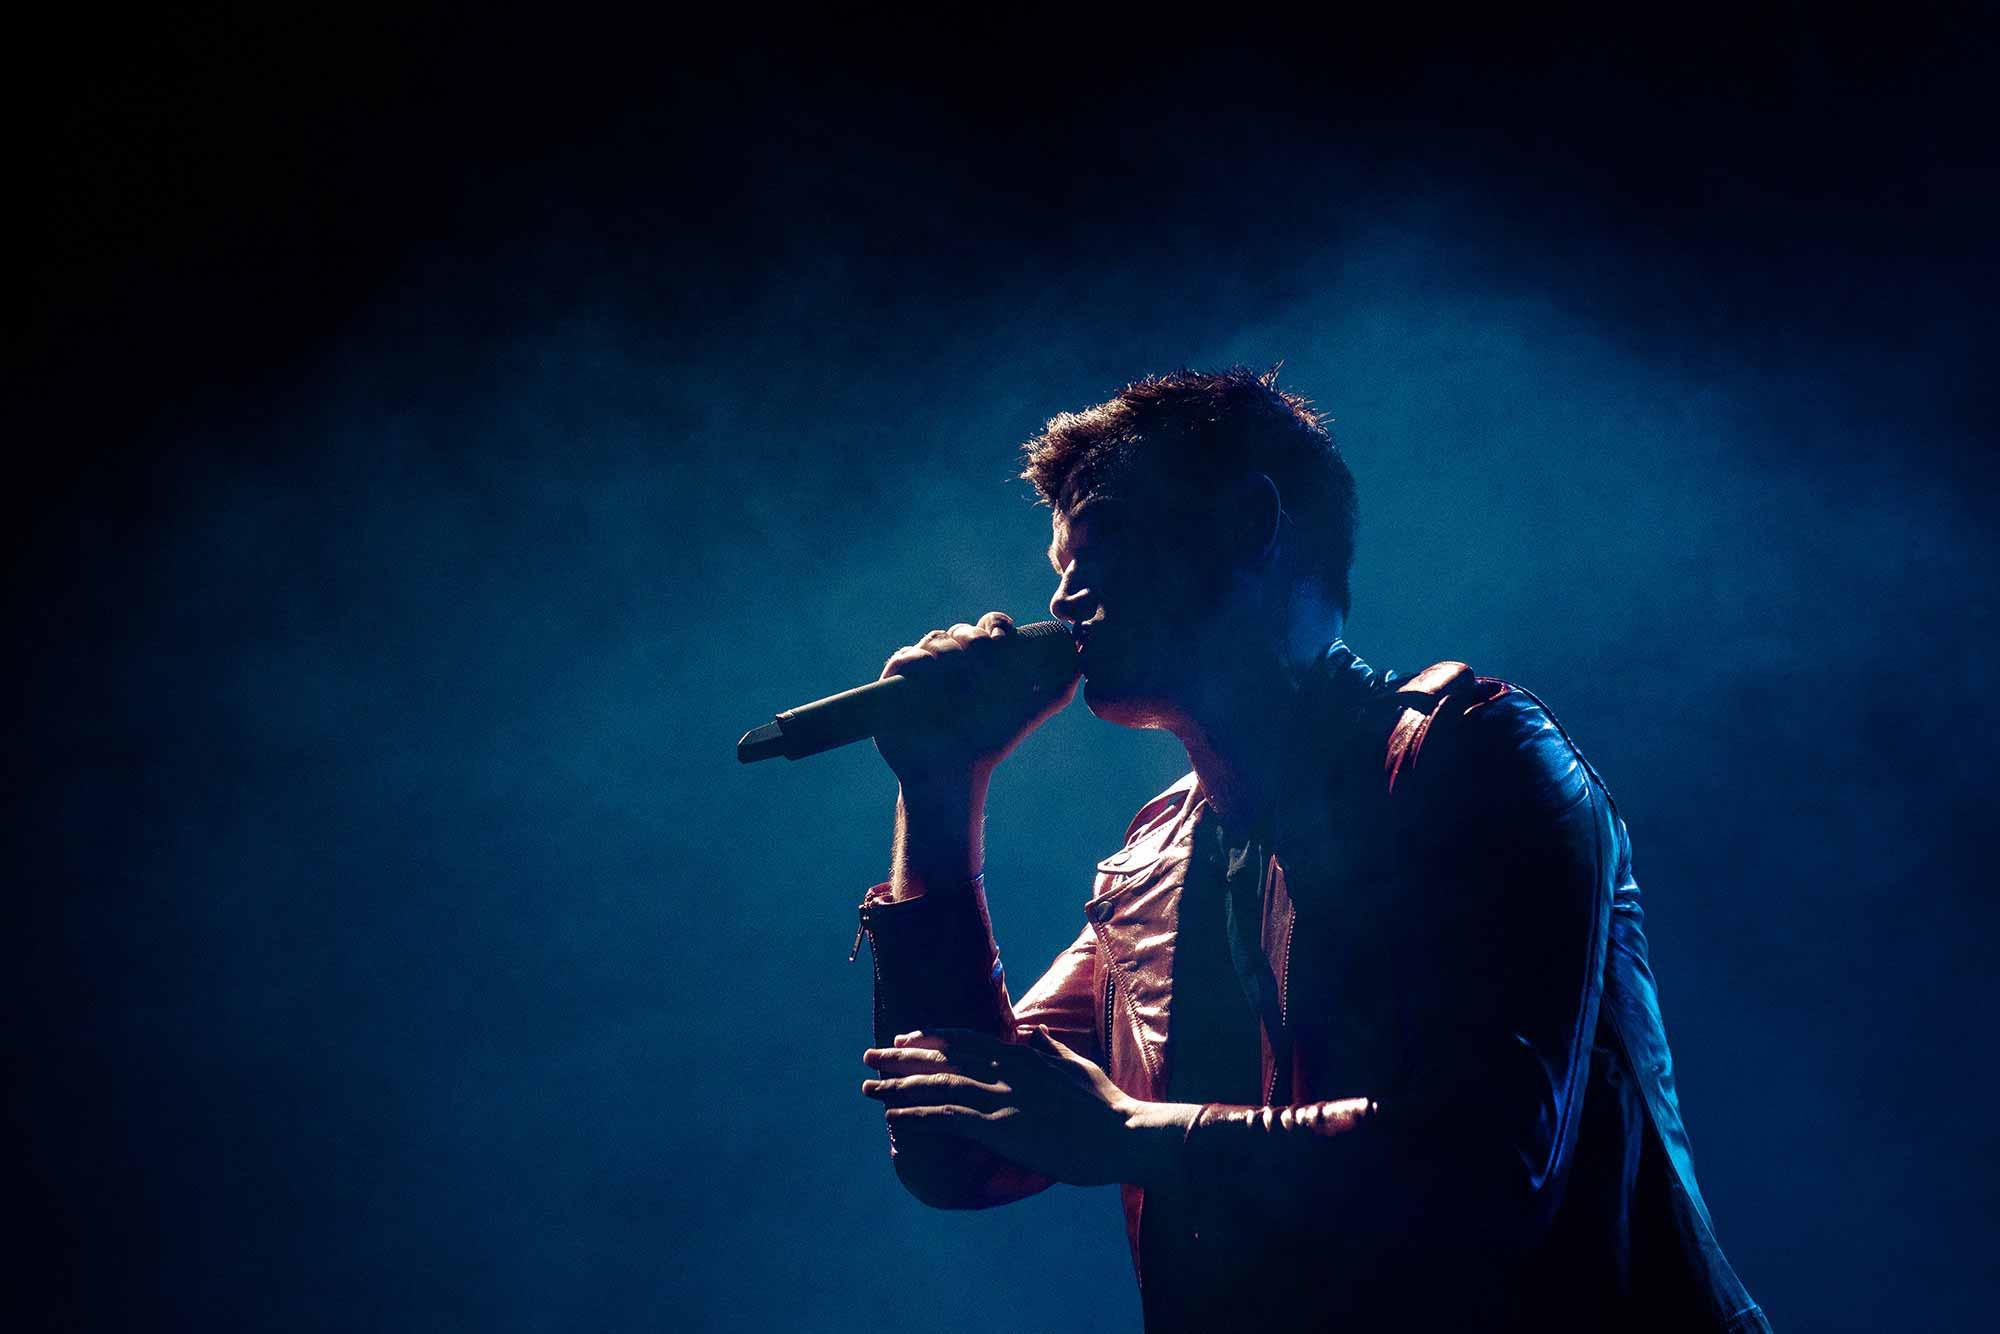 musikfotografie-peter-neill-sonyalpha